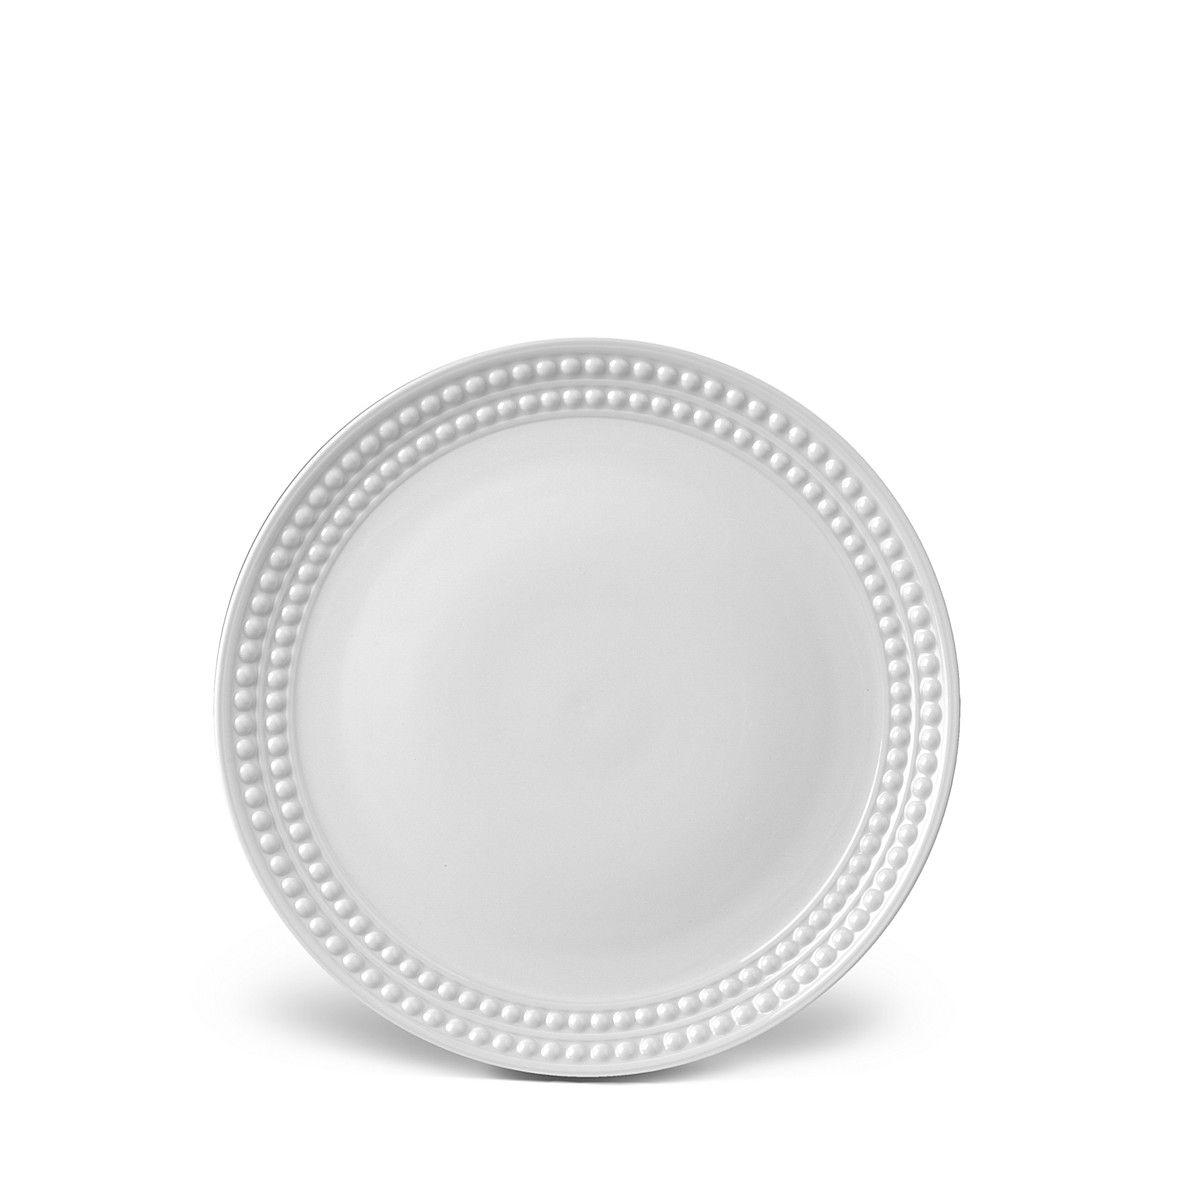 Lu0027Objet Perlee White Dinnerware | Bloomingdaleu0027s  sc 1 st  Pinterest & Lu0027Objet Perlee White Dinnerware | Bloomingdaleu0027s | Registry ...